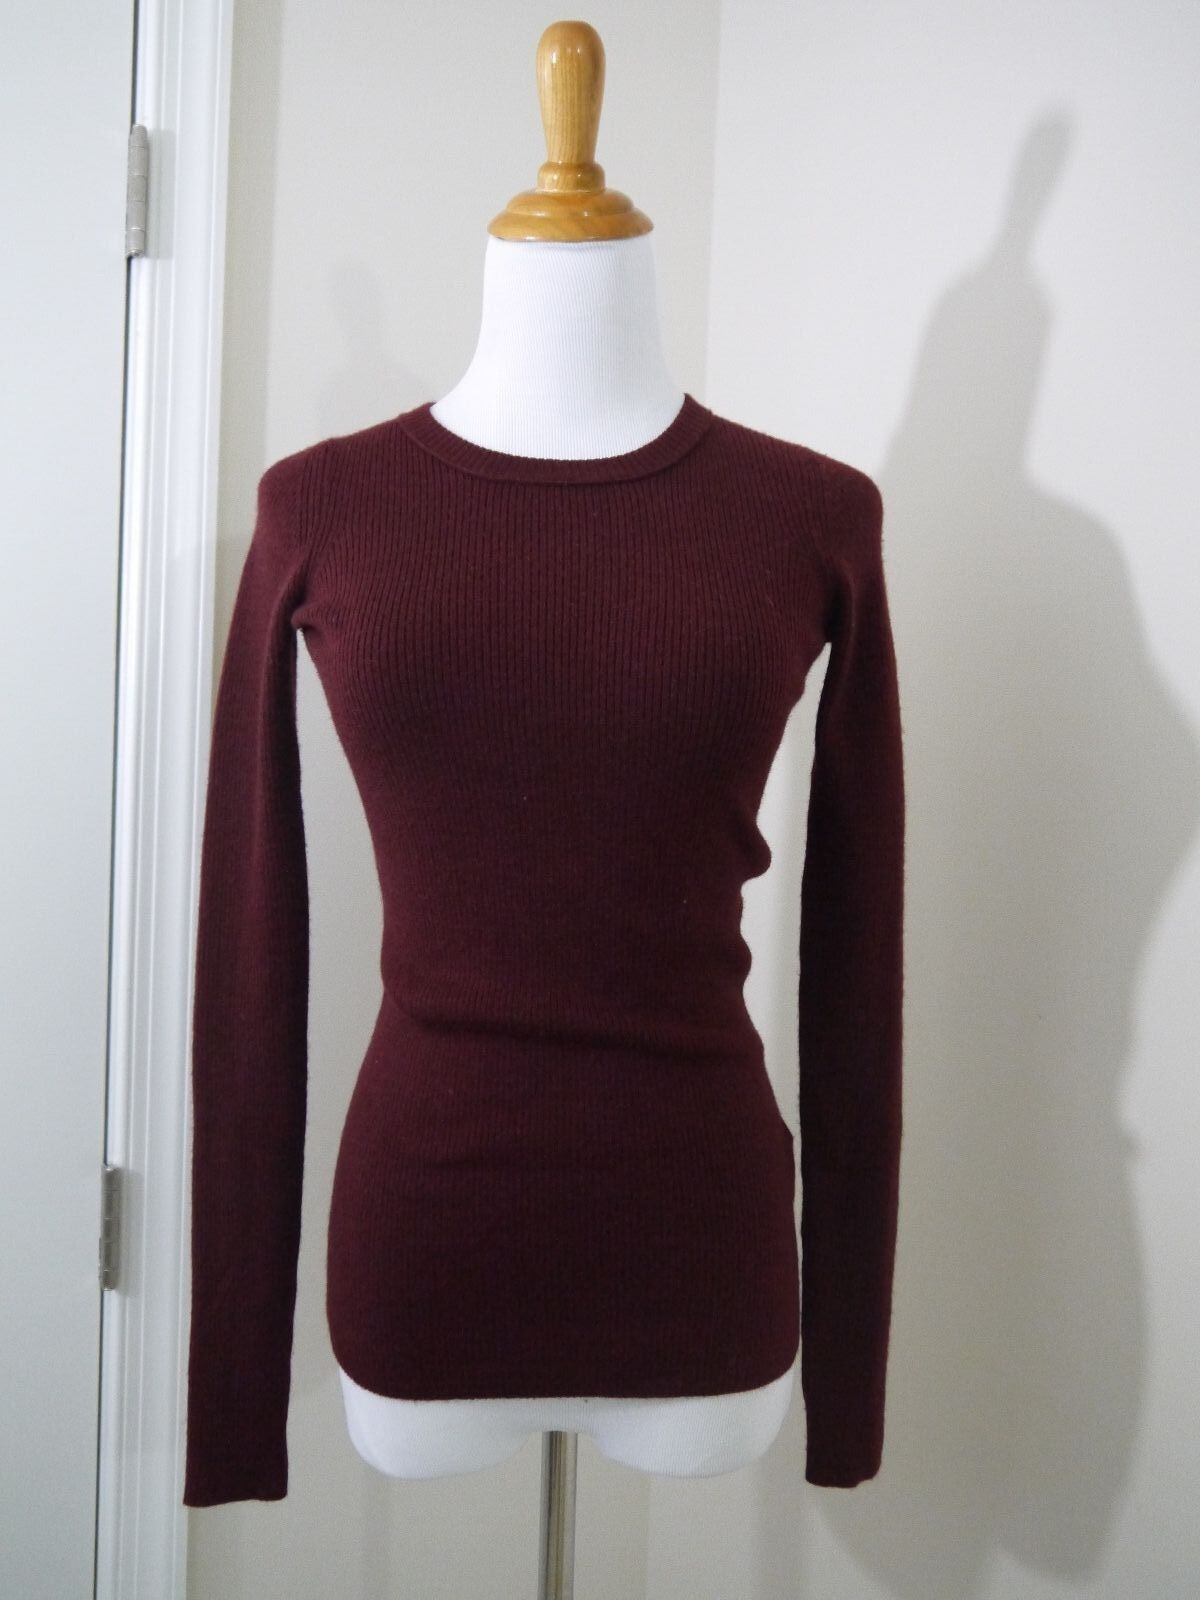 $85 J.Crew Stretch Ribbed Merino Wool Sweater Burgundy XXS item ...